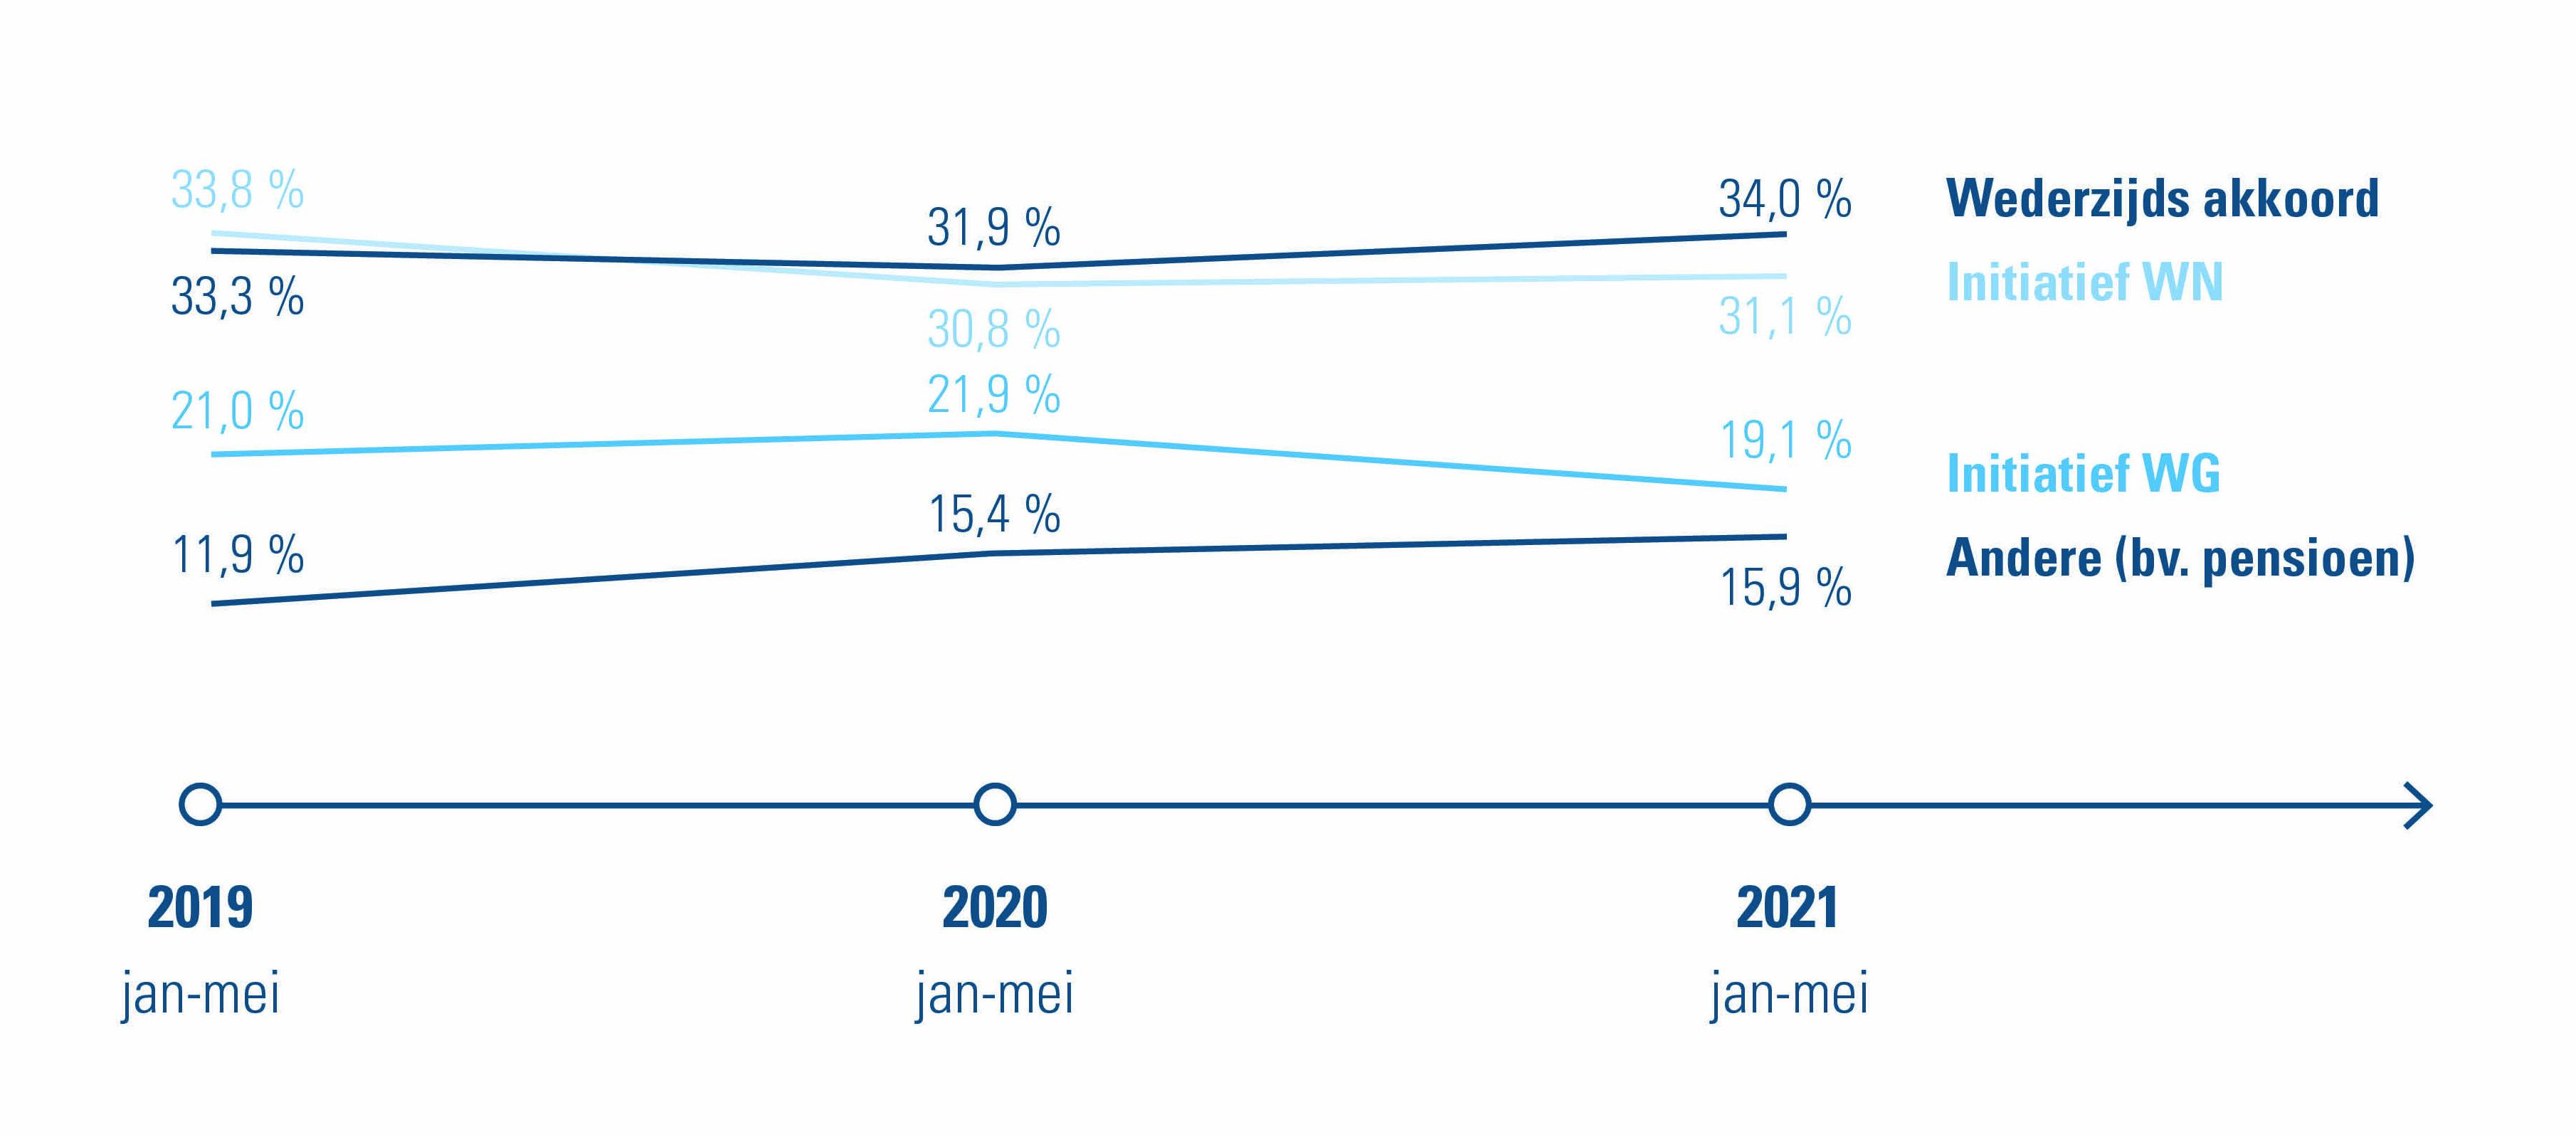 Oorzaak beëindiging contracten onbepaalde duur, 2021